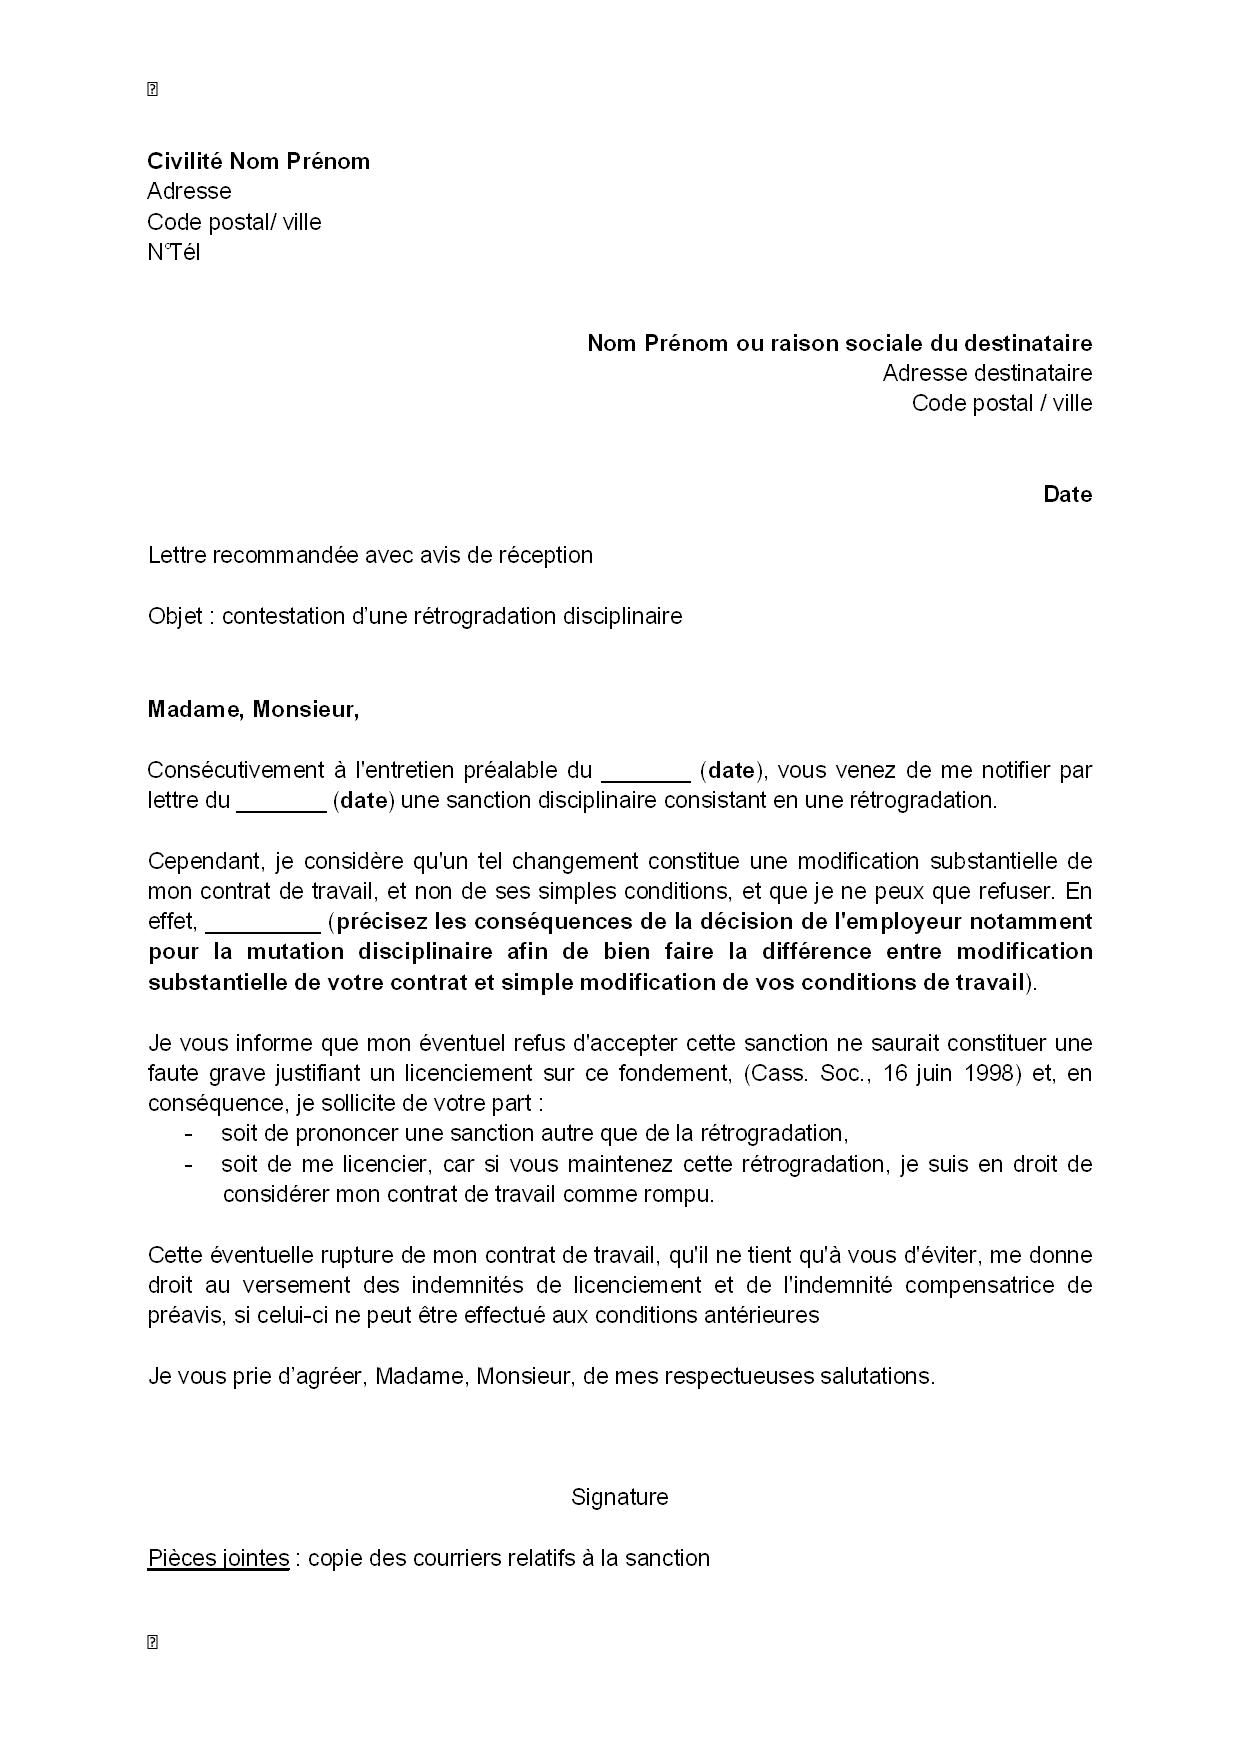 exemple gratuit de lettre contestation une r u00e9trogradation disciplinaire